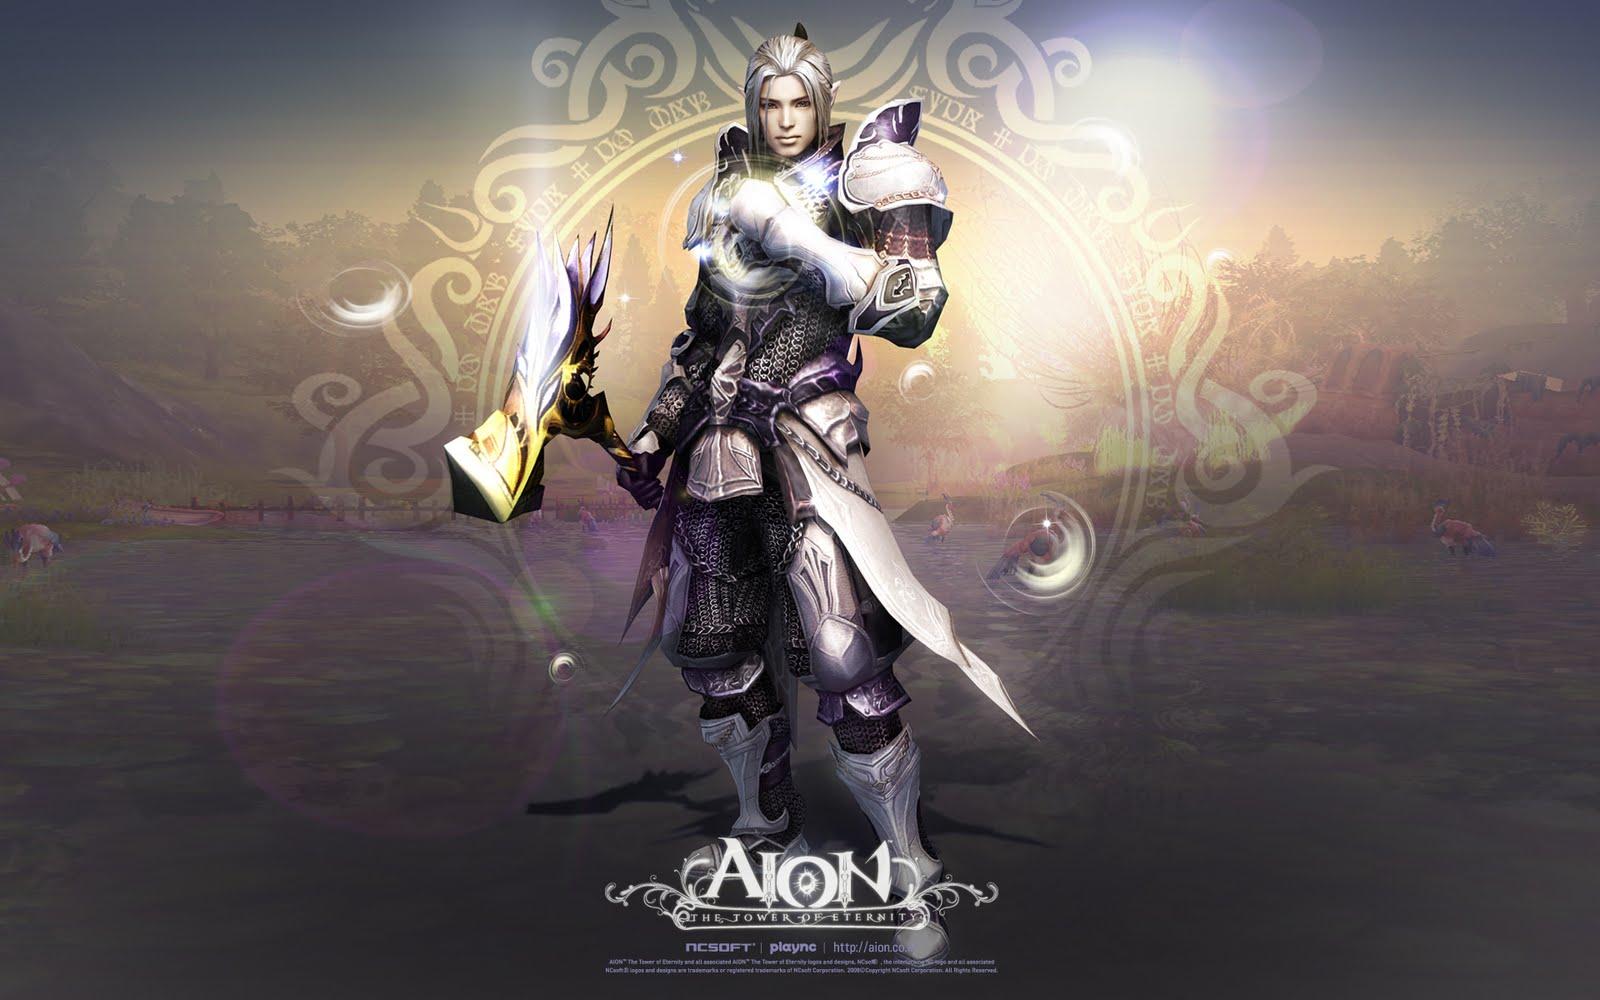 http://2.bp.blogspot.com/-HSMlC9SKwcE/TaJVpr1rwTI/AAAAAAAABQE/LmXEJdjSqzQ/s1600/AION-Wallpaper-Screenshot-PC-Game-Online-3.jpg